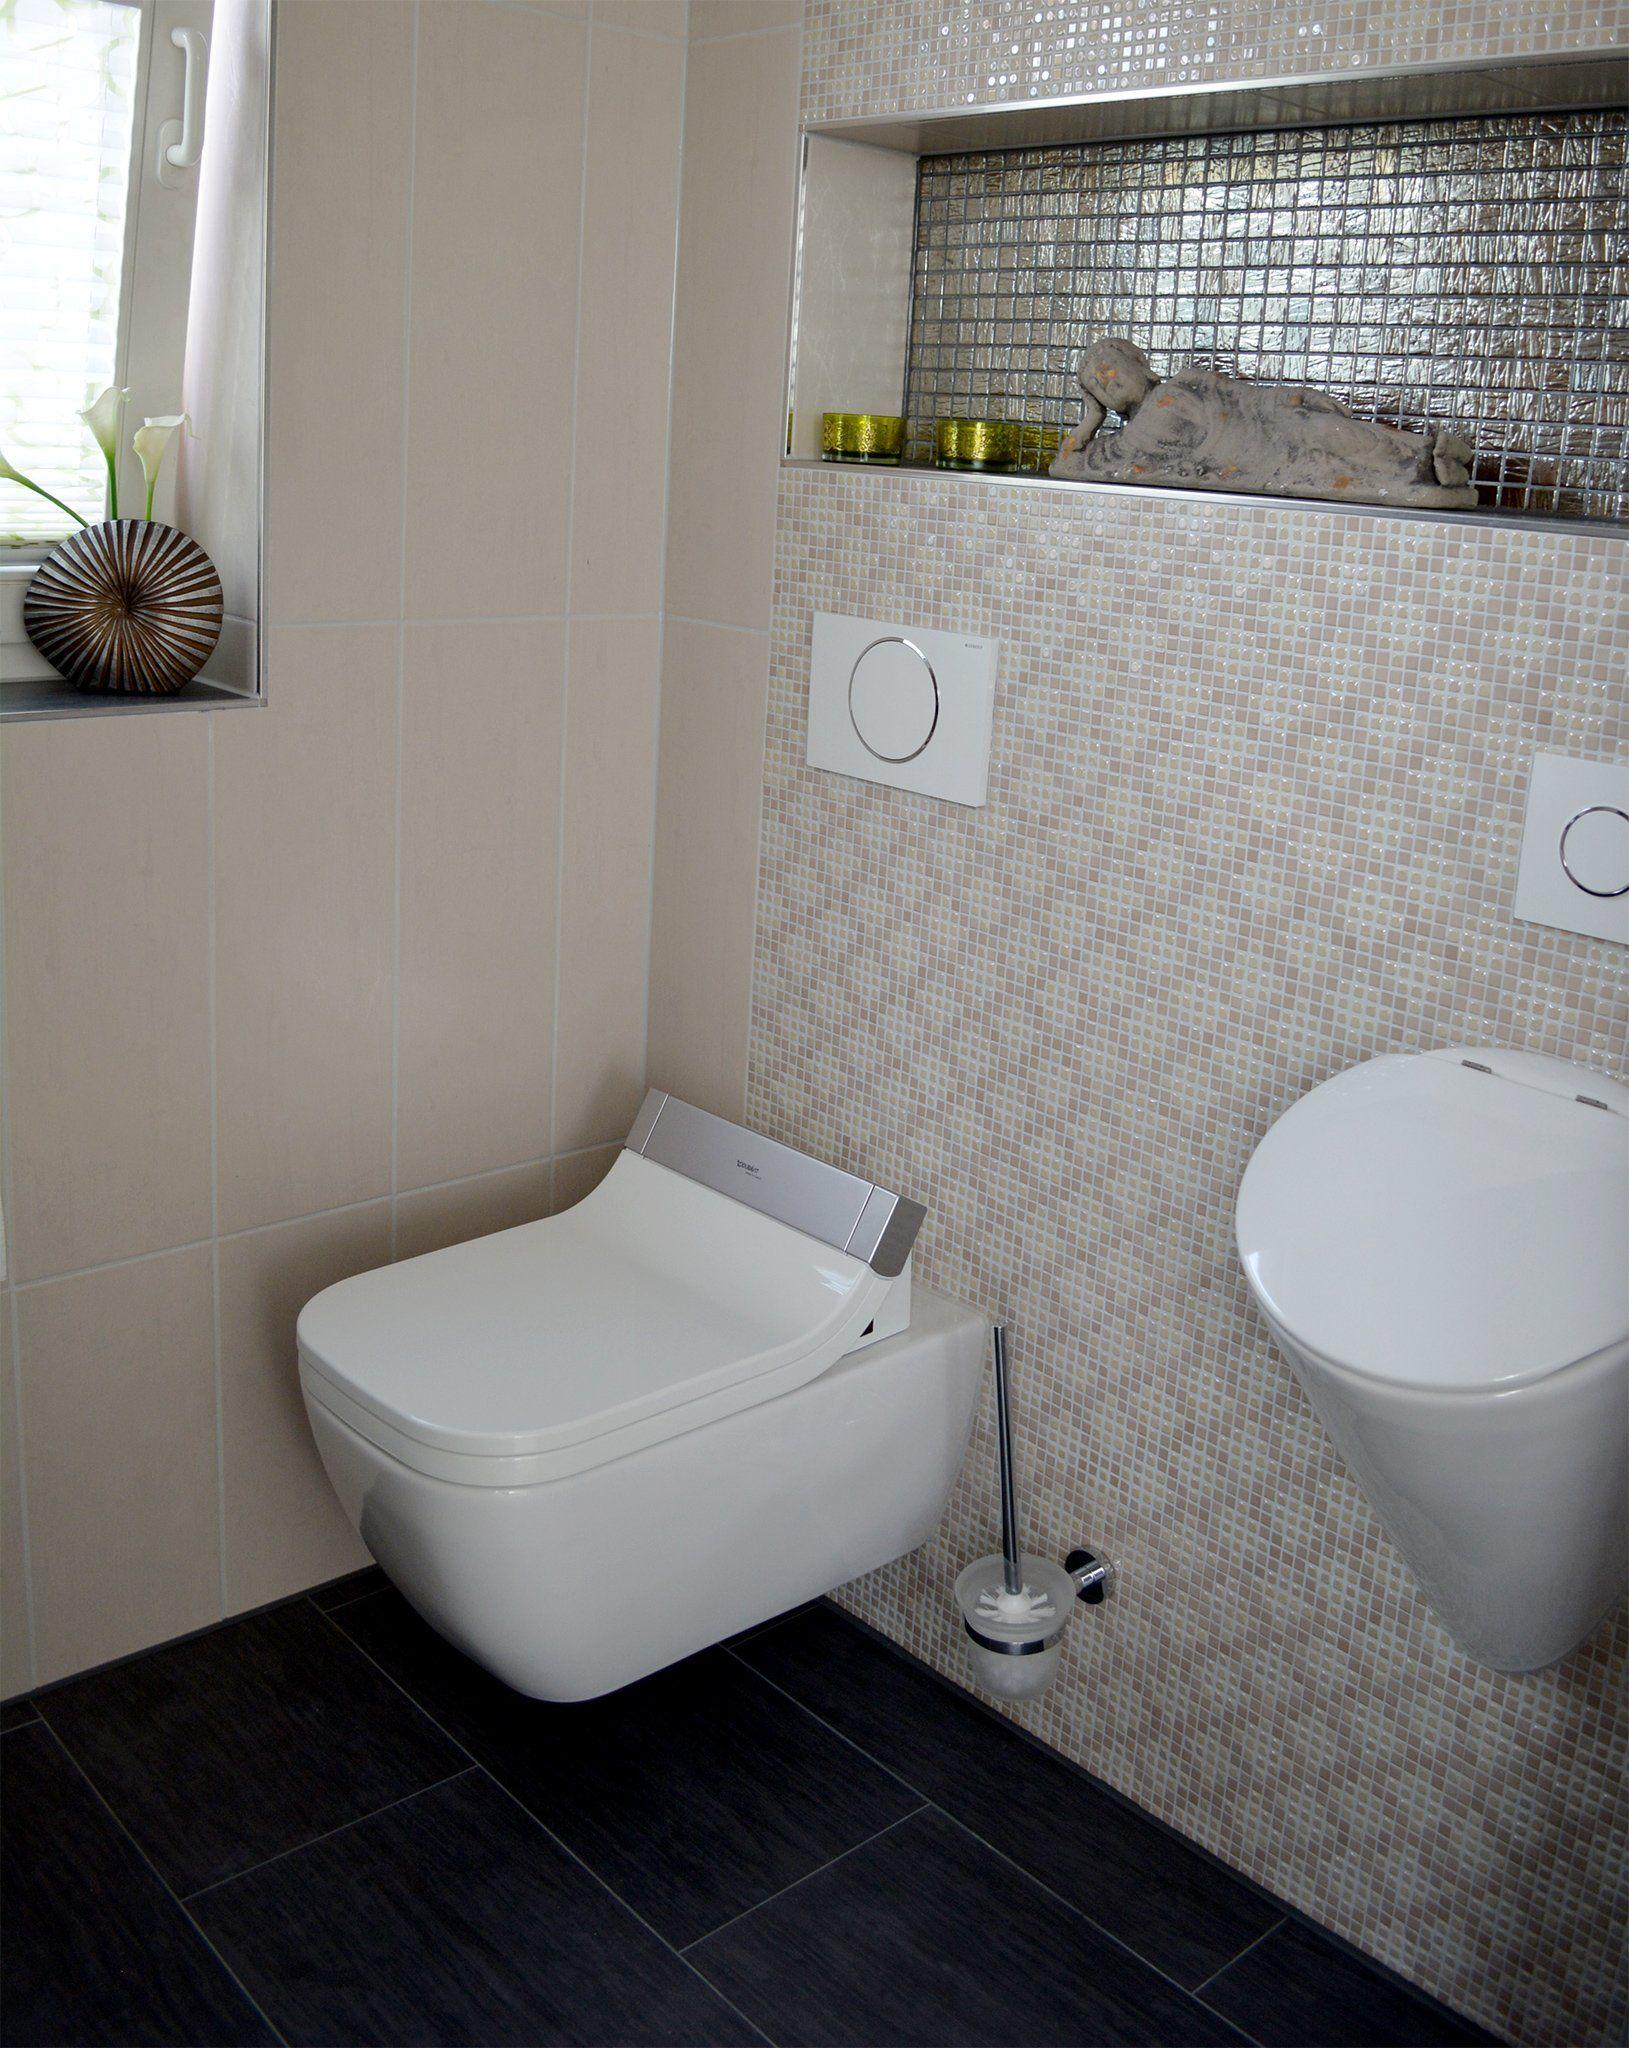 Praktisch das gäste wc verfügt nicht nur über eine toilette sondern auch über